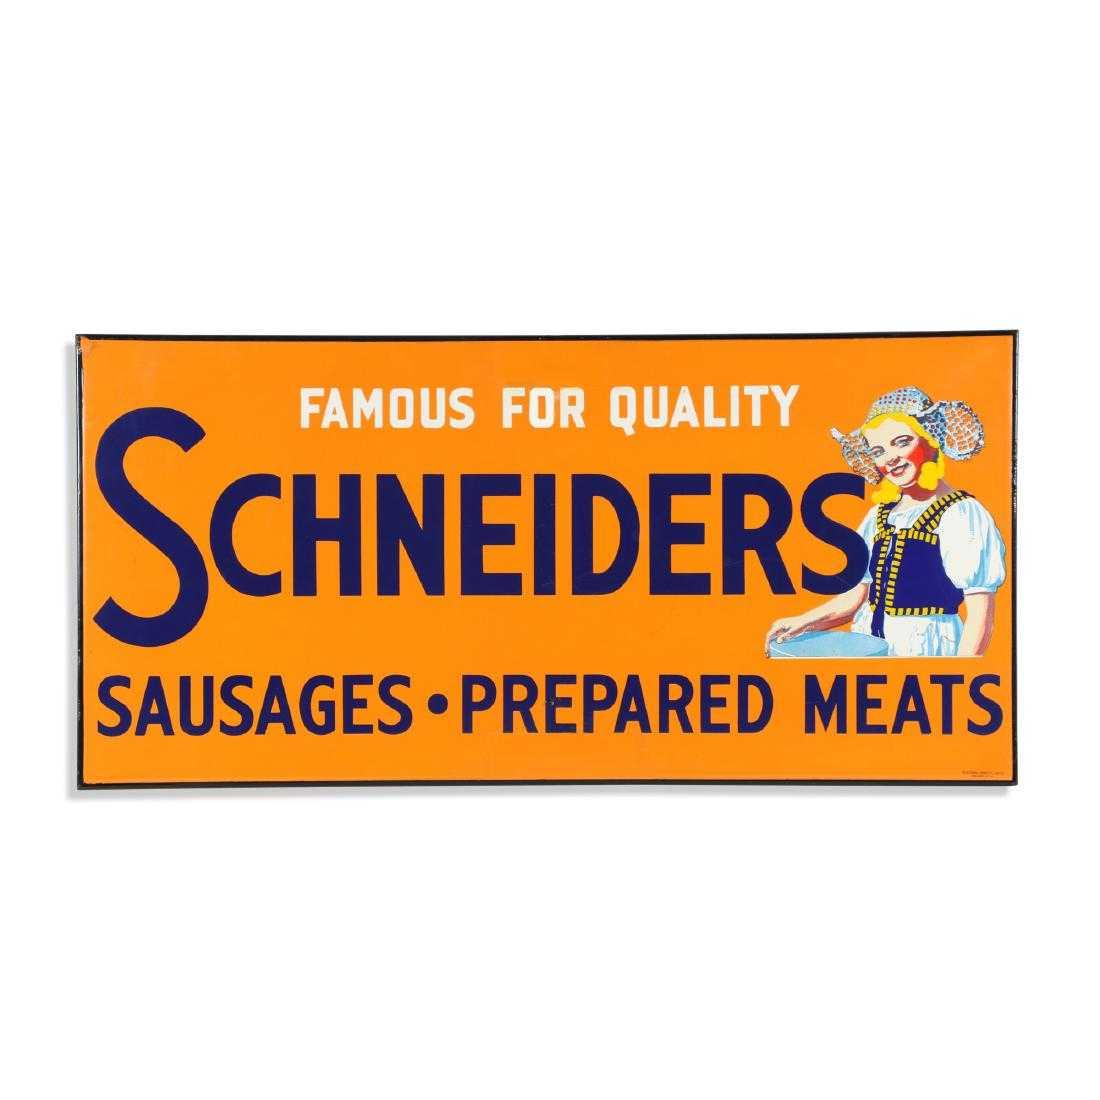 Schneider's sign